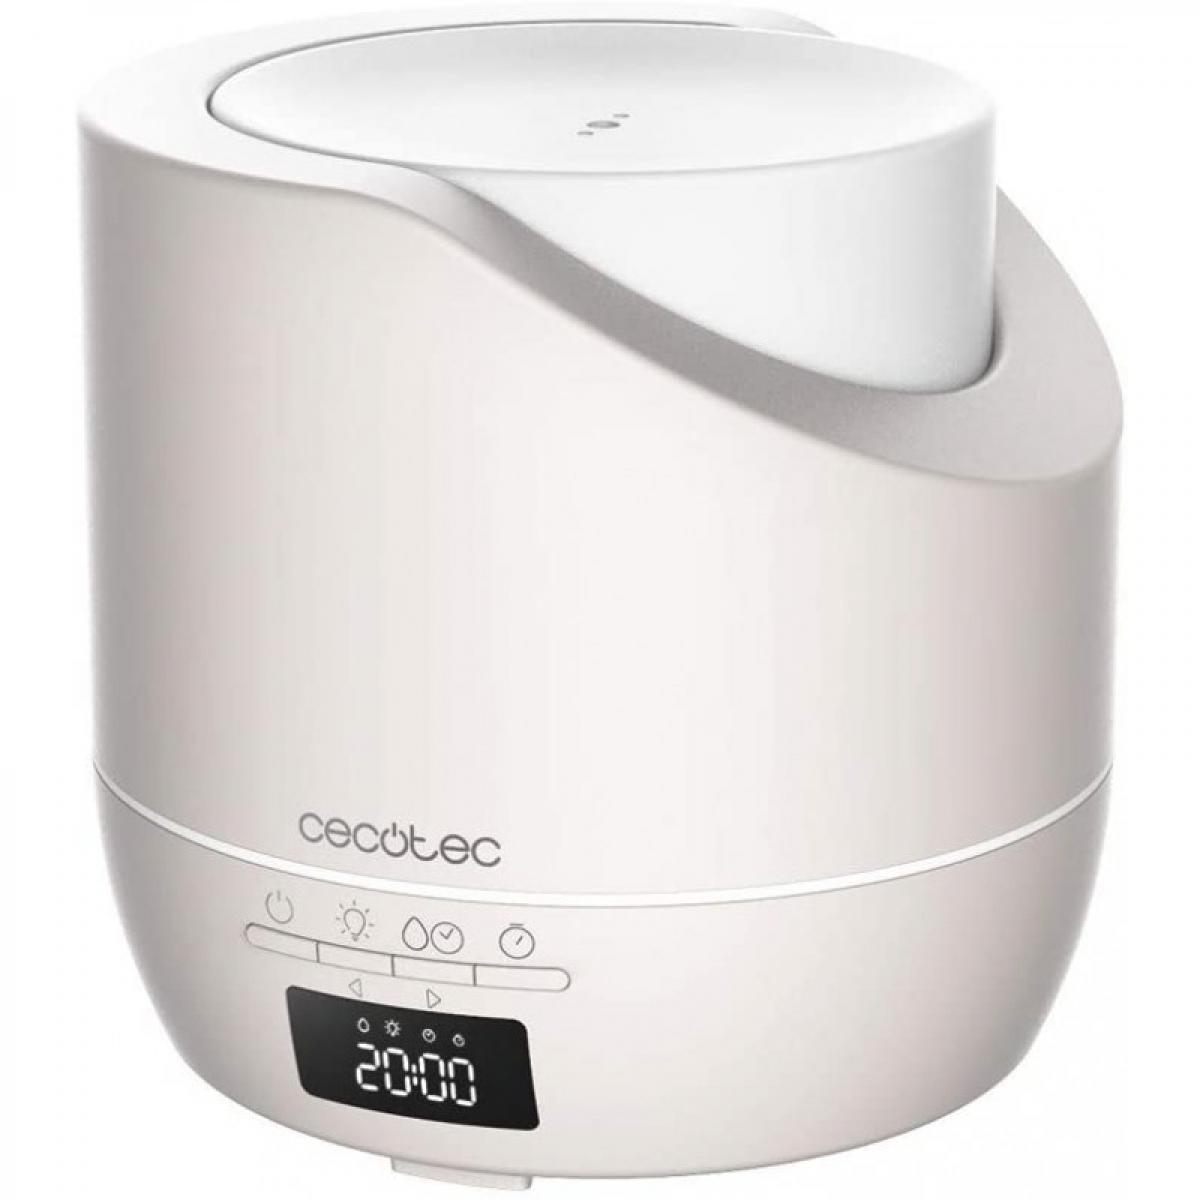 Cecotec Cecotec, Diffuseur d'arômes, PureAroma 500 Smart Sand, Capacité 500 ml, couverture 30 m², écran LED, 3 modes, minuterie,